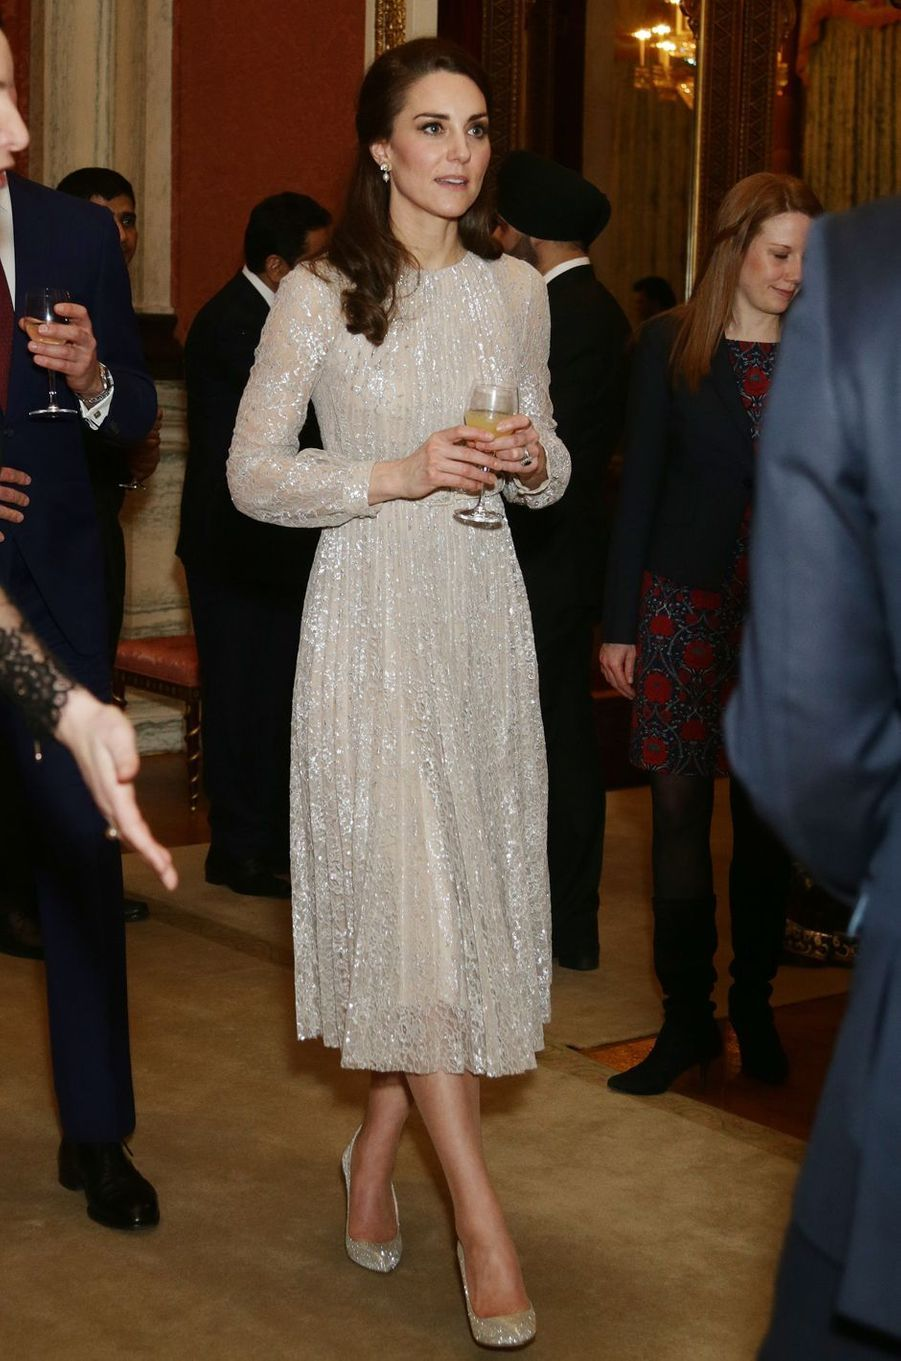 La duchesse de Cambridge, née Kate Middleton, dans une robe Erdem à Londres le 27 février 2017